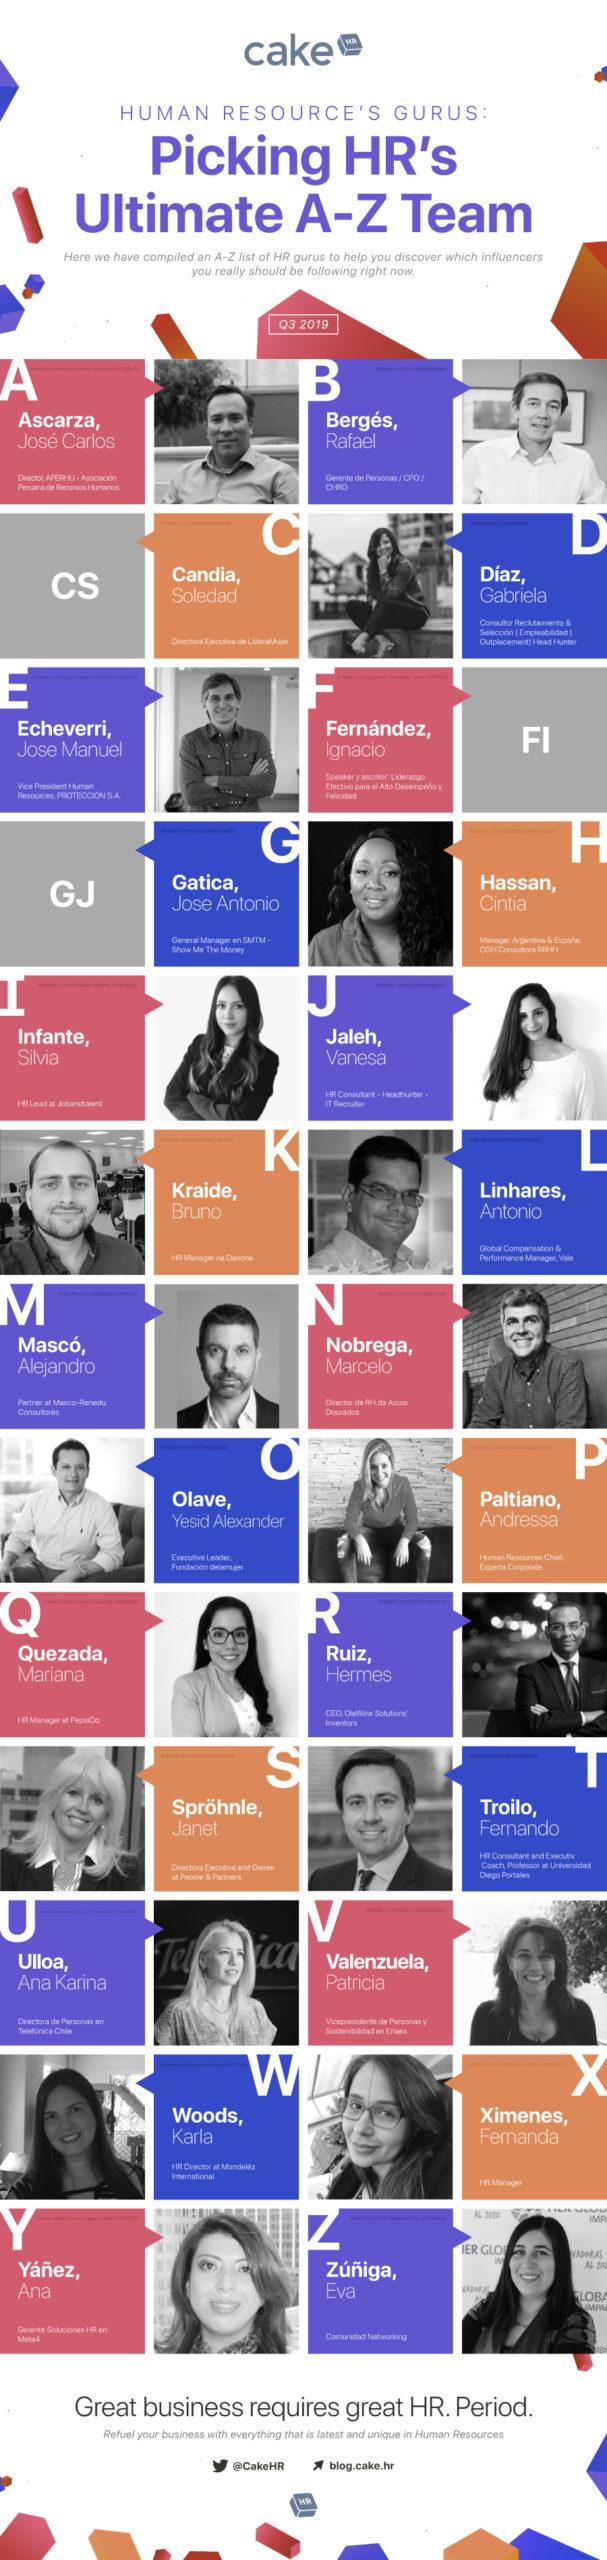 CakeHR's Ultimate AZ Team Q3 2019 HR Gurus of Q3 2019: Latin American HR Professionals in the Spotlight